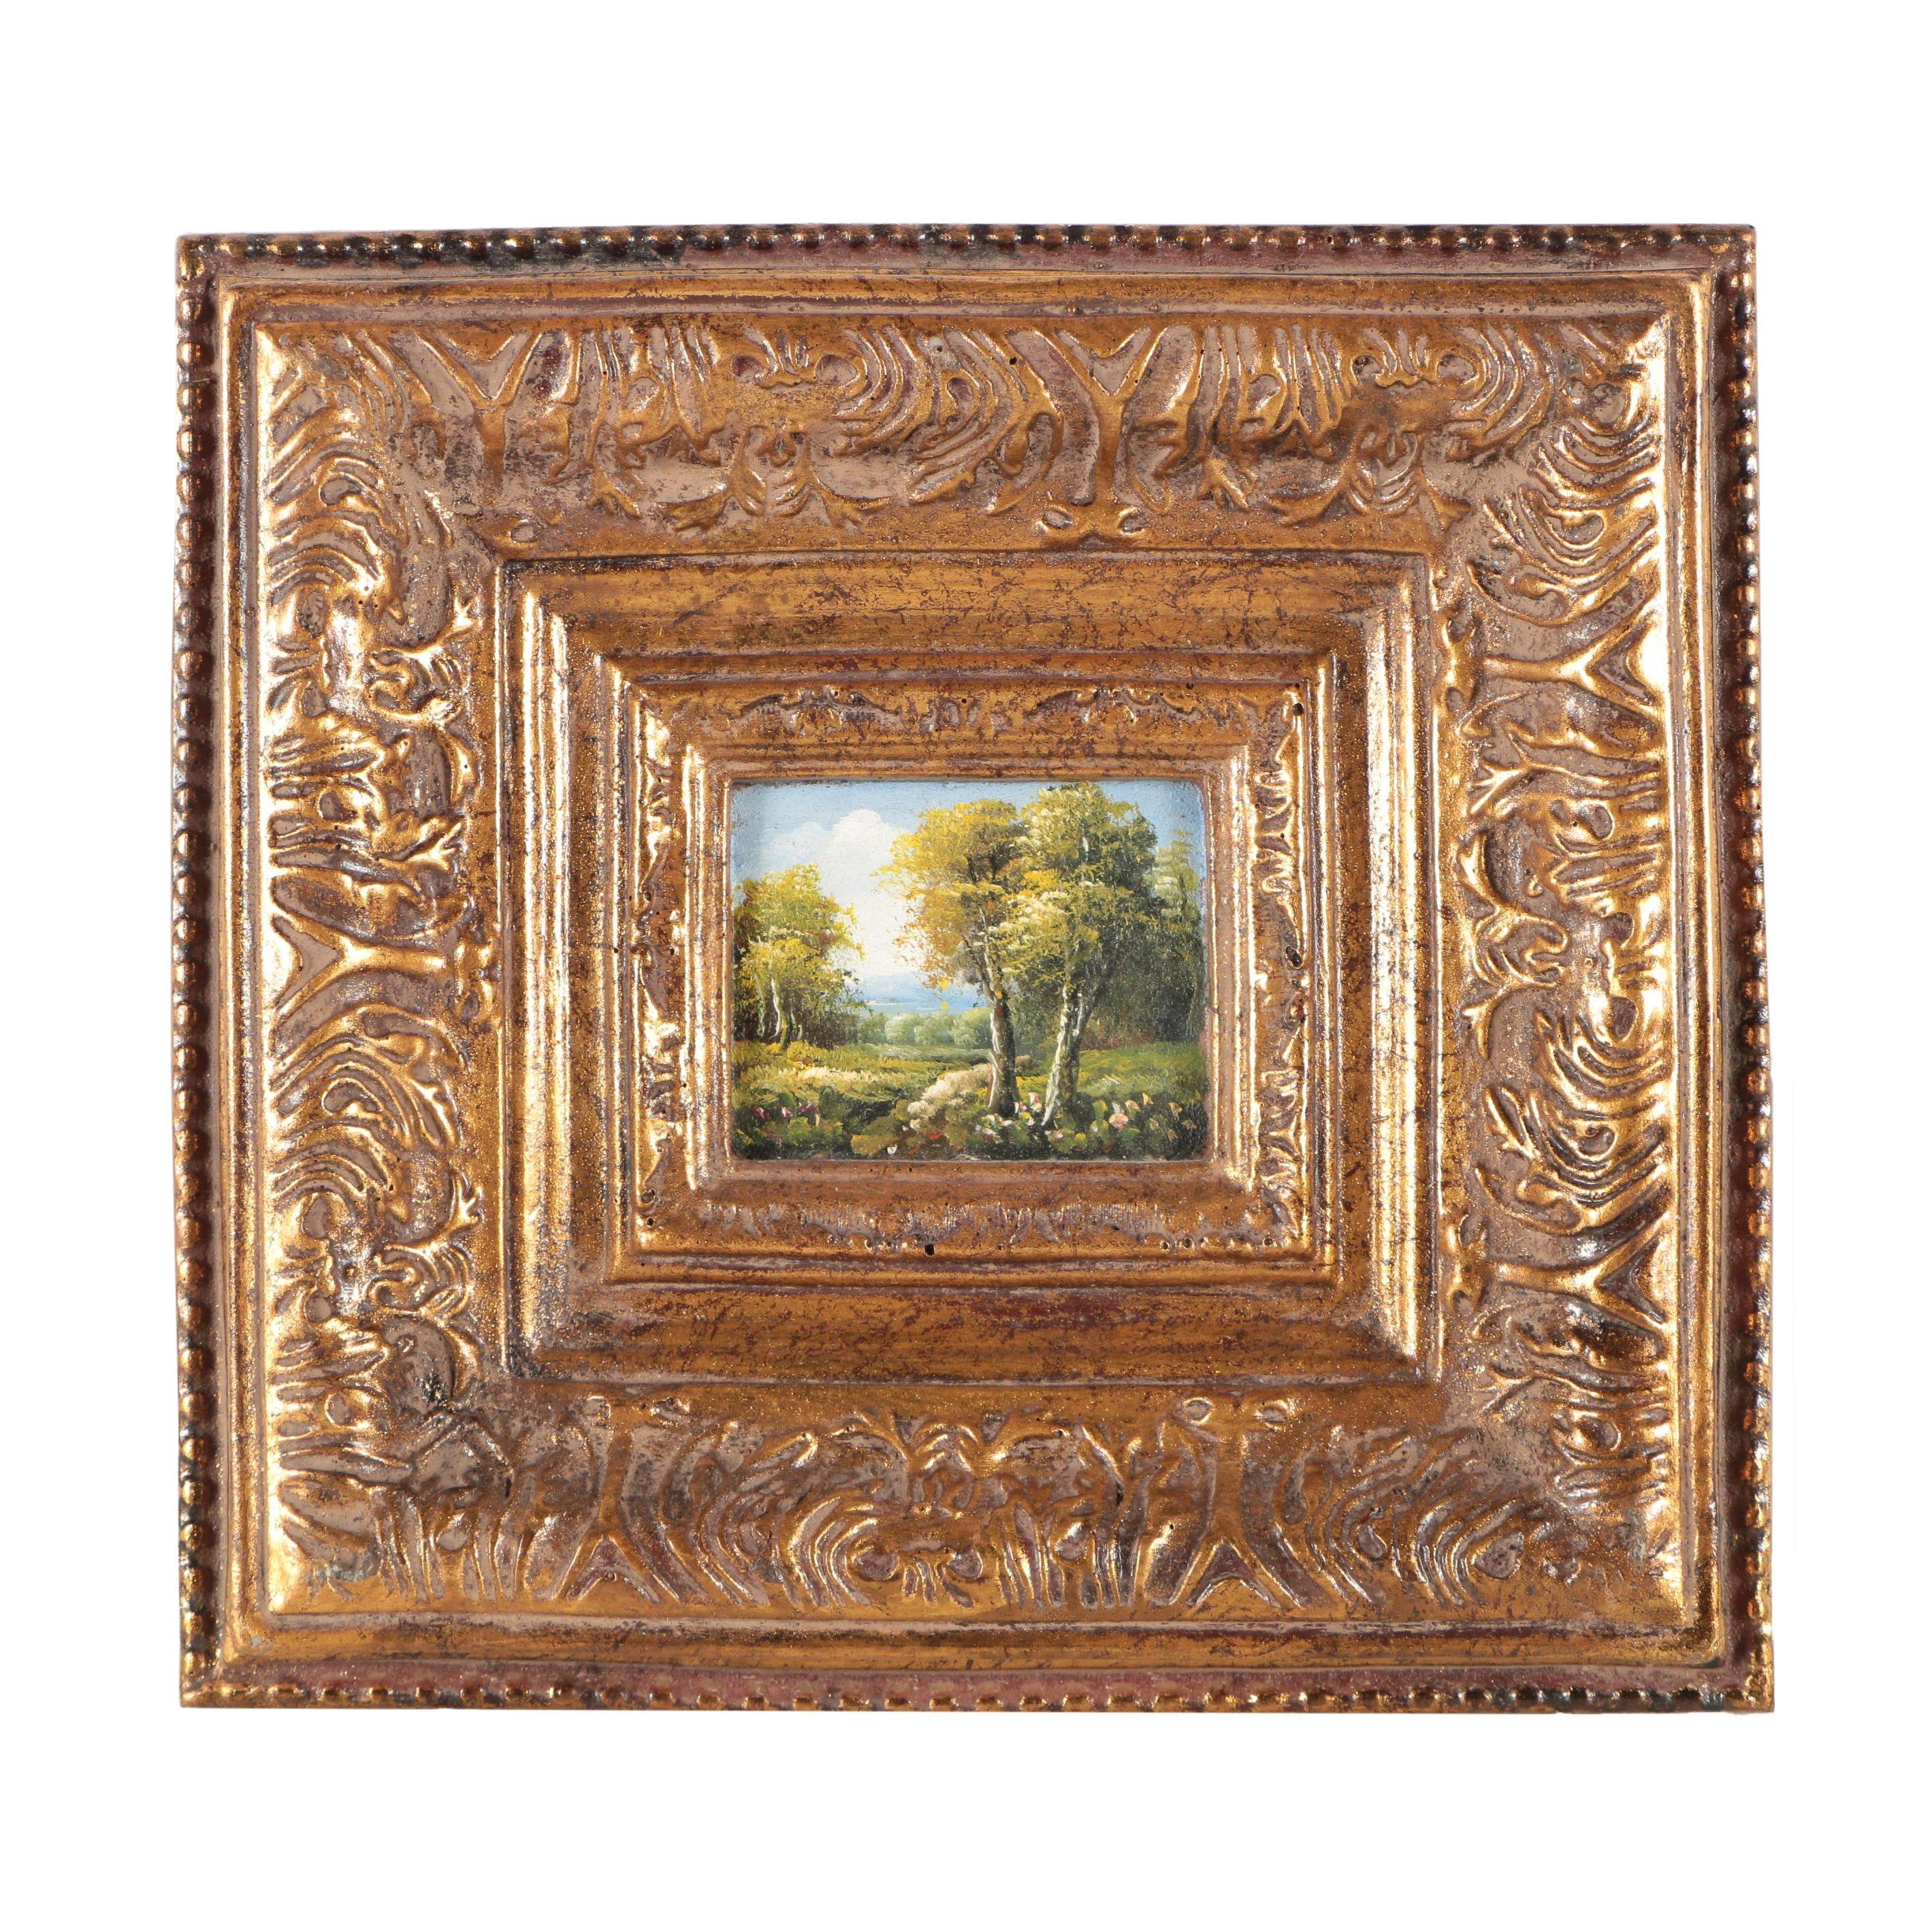 Miniature Landscape Oil Painting